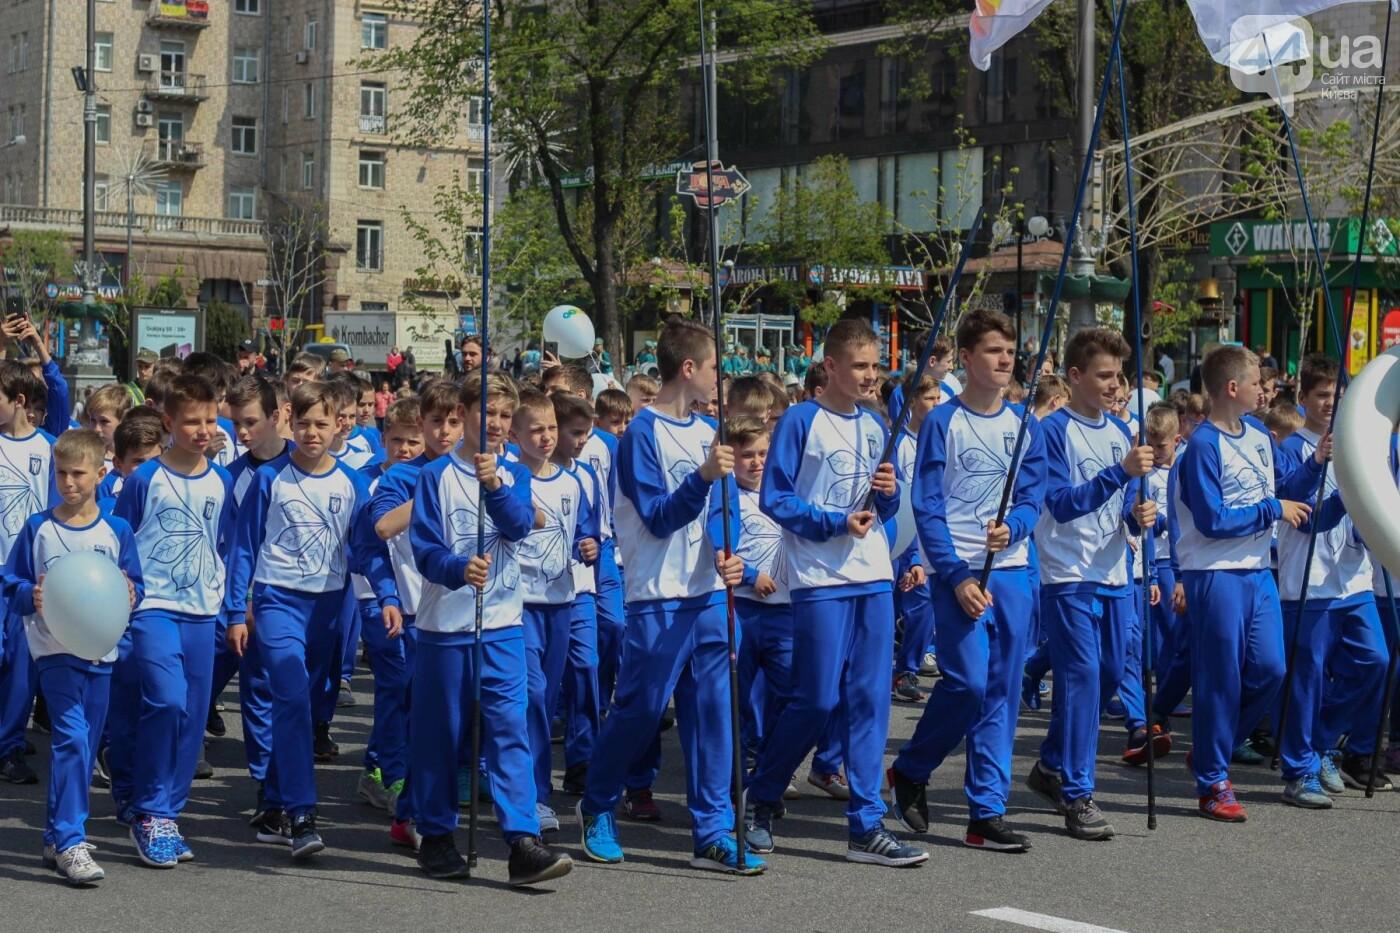 Кубок Лиги чемпионов УЕФА прибыл в Киев, фото-12